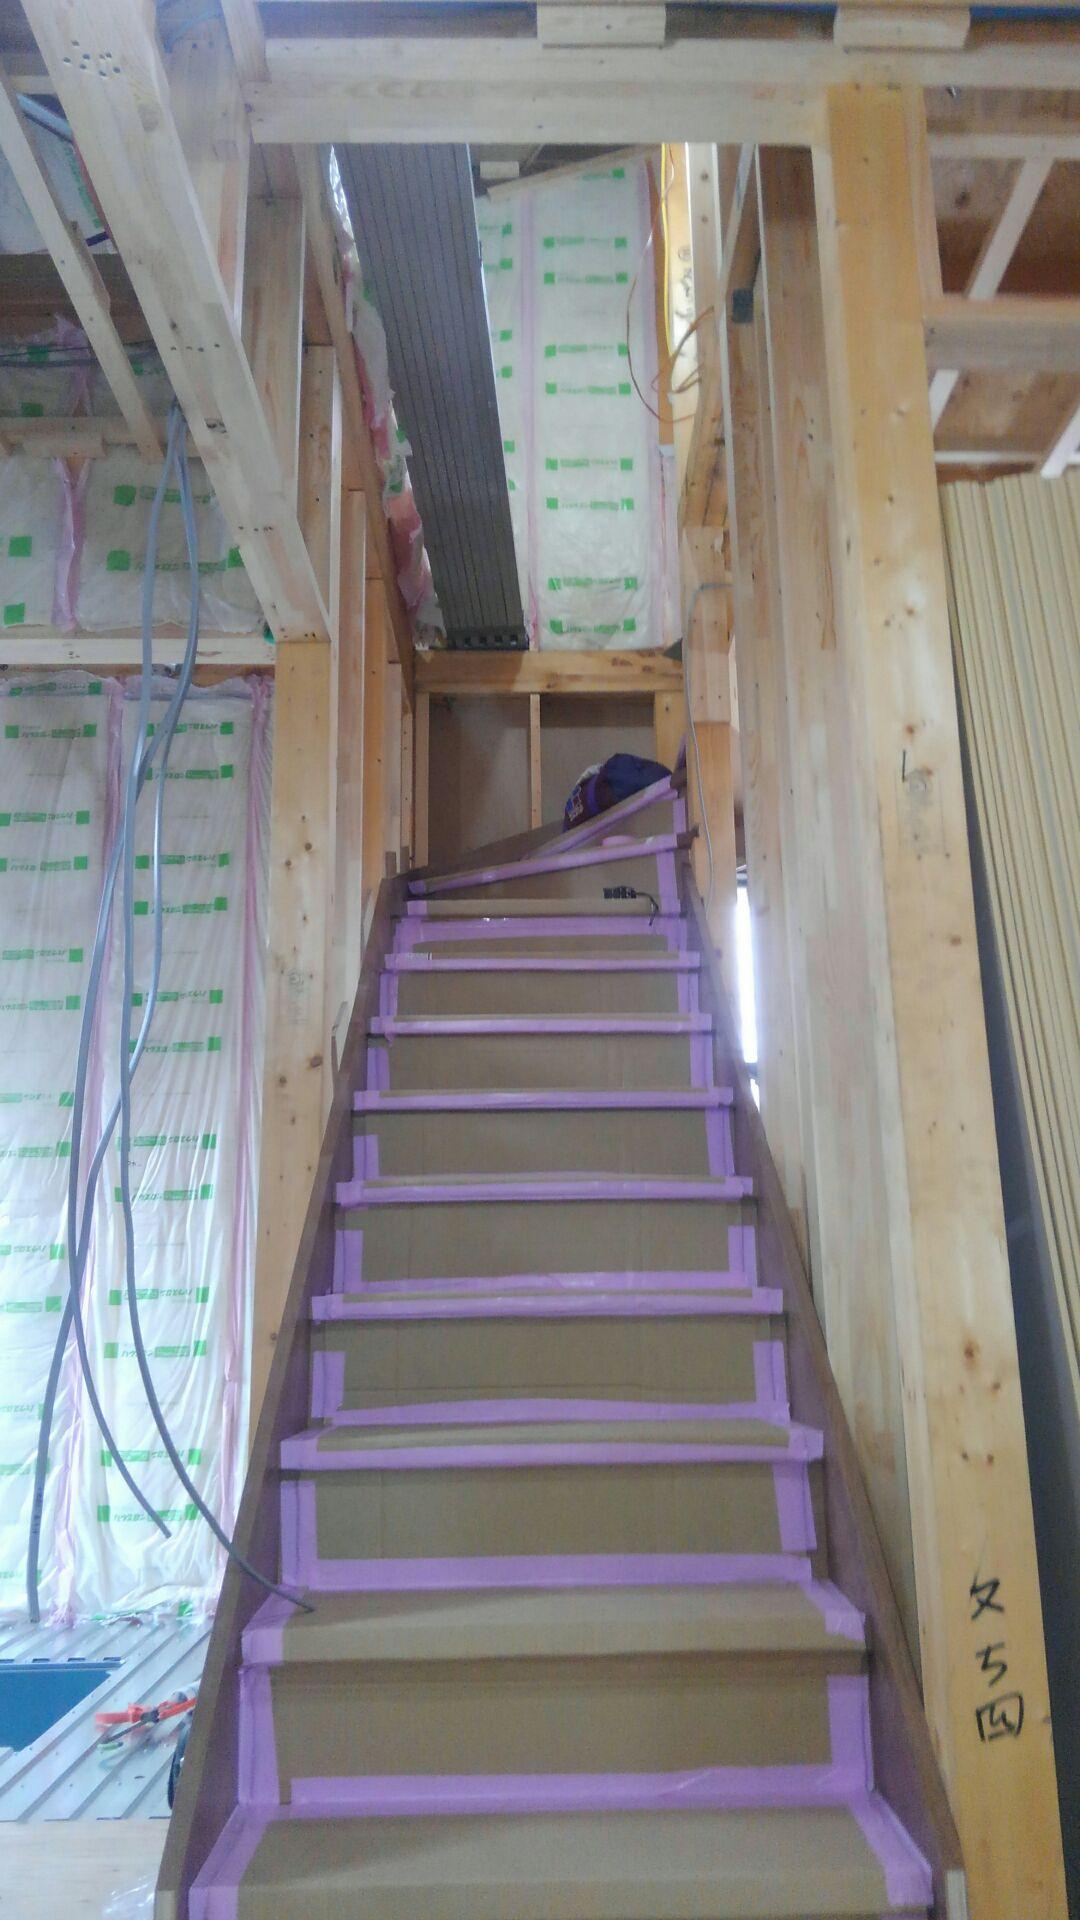 1階から2階へ上がる階段が完成しました。15段で上がり切ります。15段だと蹴げ(階段一段の高さ)が低く、緩やかで2階に上がりやすいですね。